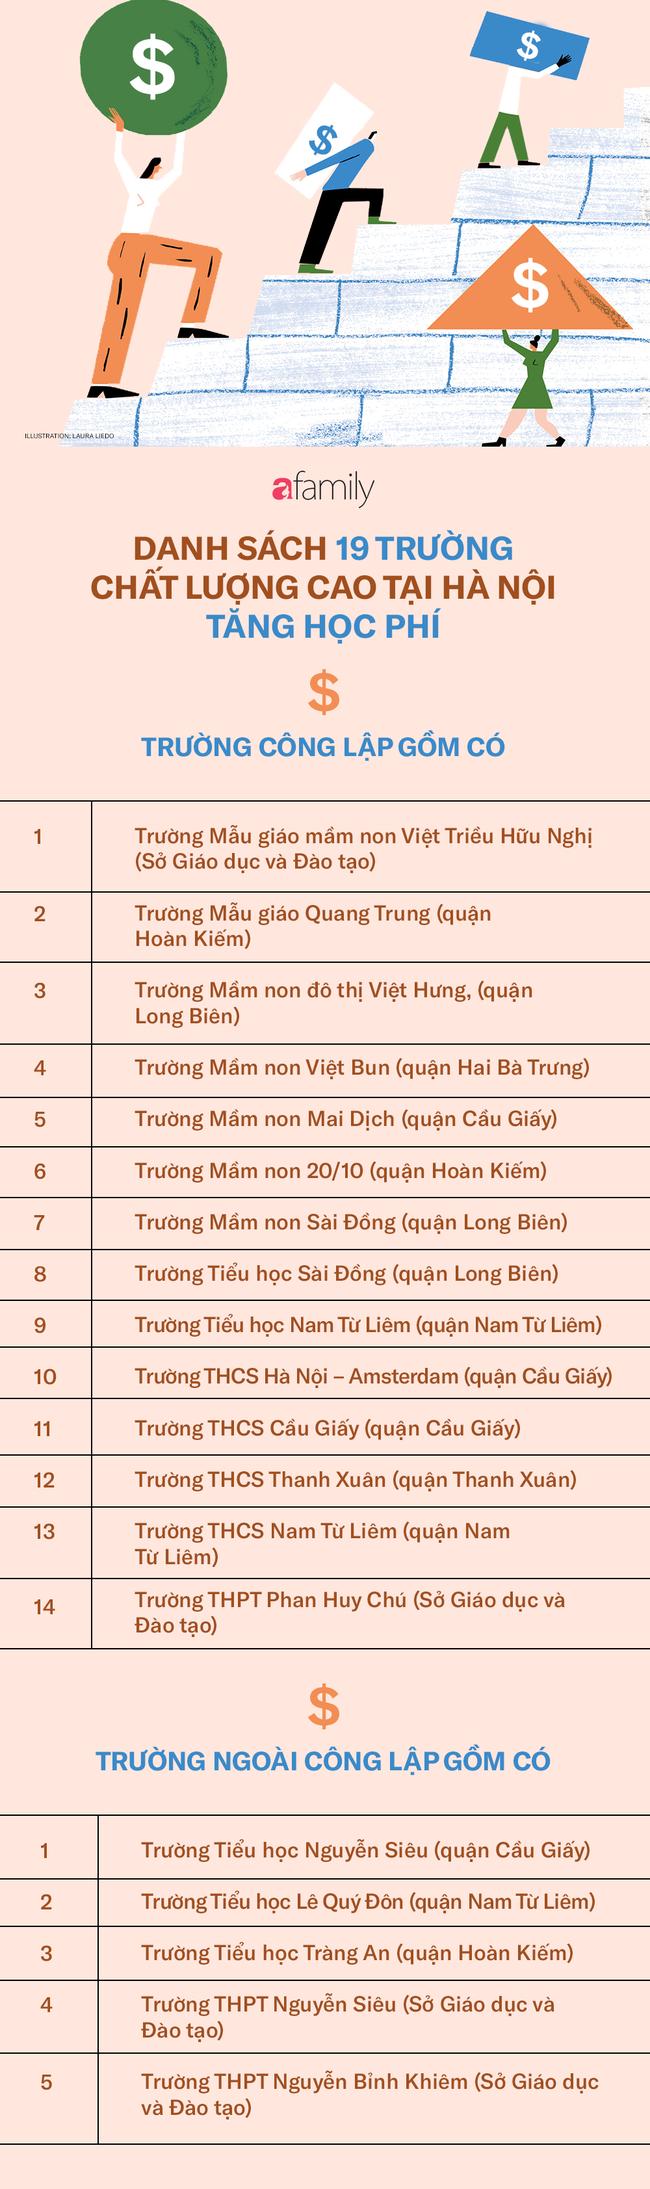 Đề xuất tăng mức trần học phí cho 19 trường chất lượng cao tại Hà Nội, vậy những trường đó là trường nào? - Ảnh 2.